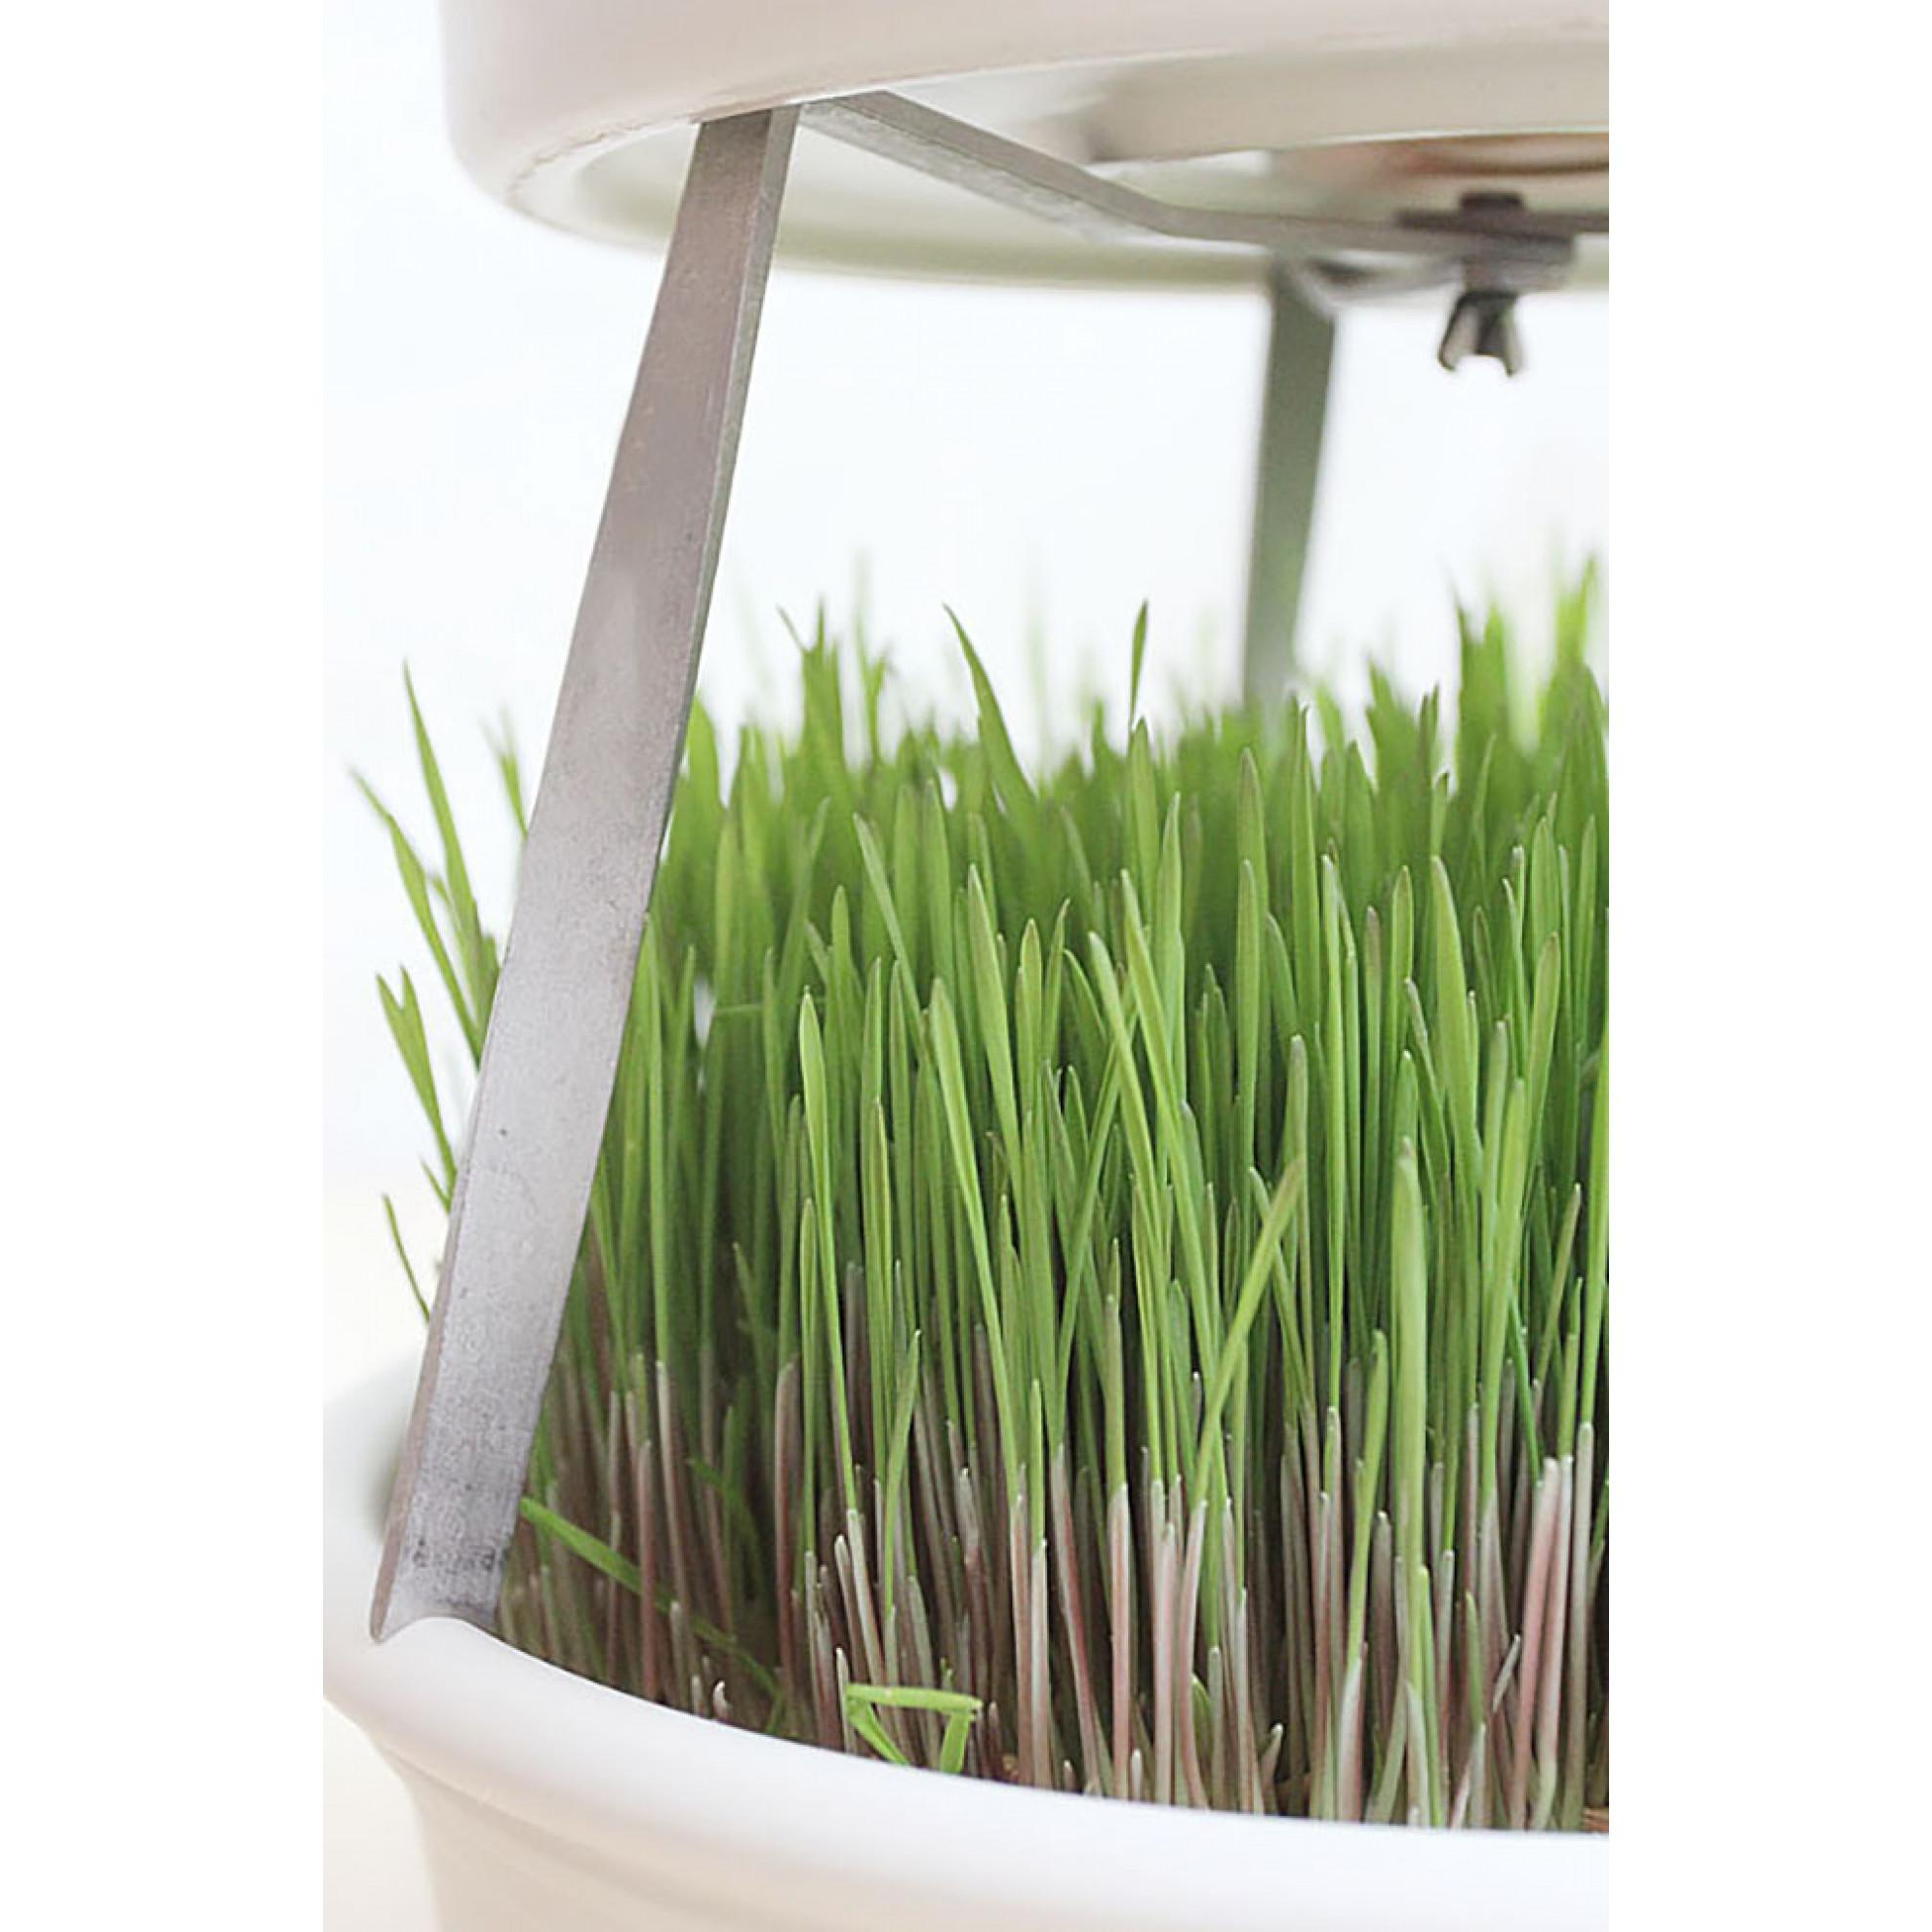 Stacking Aid For Eschenfelder Wheatgrass Sieve